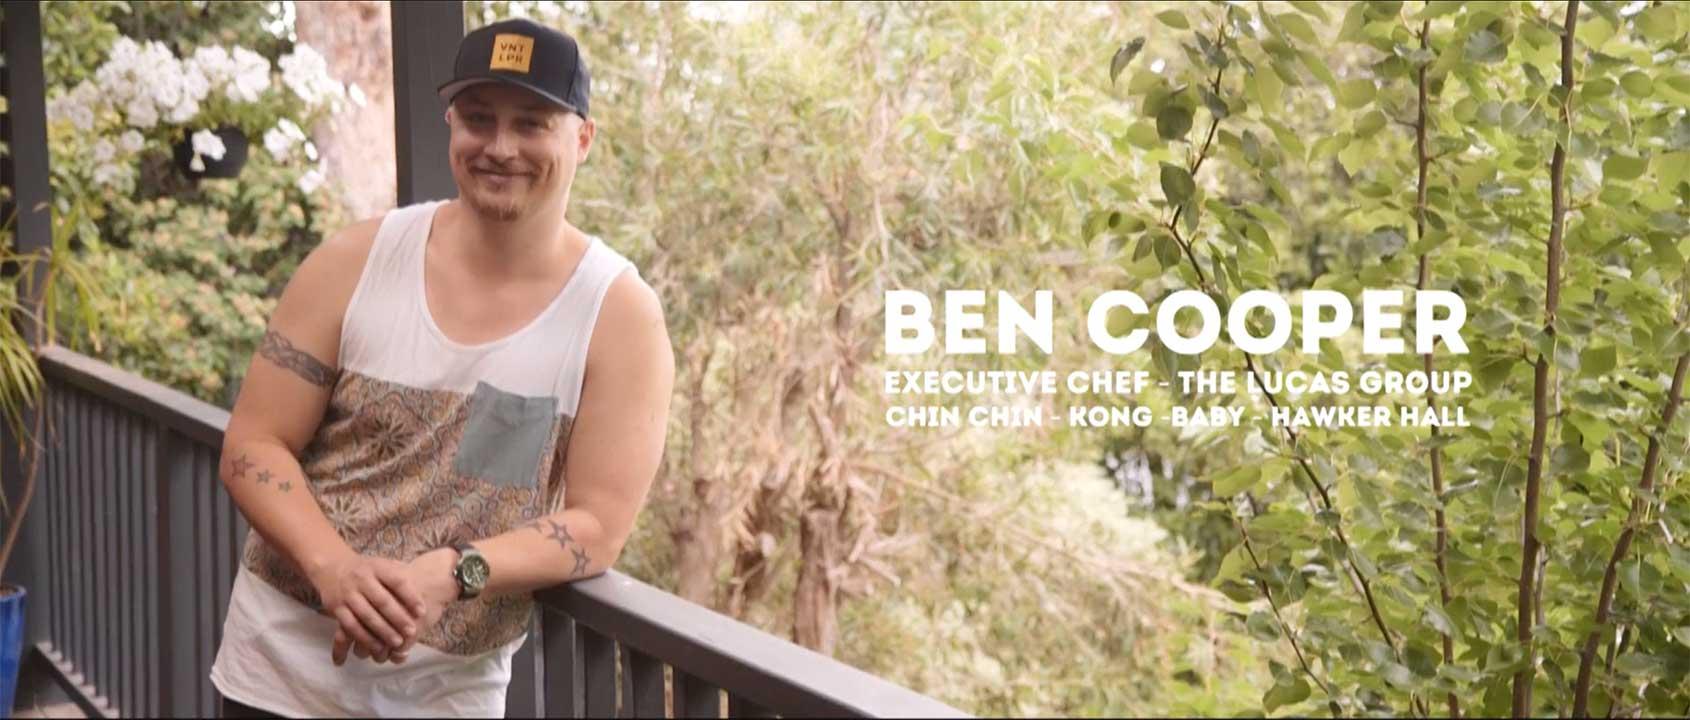 Ben-Cooper-Chin-Chin-Hublot-1